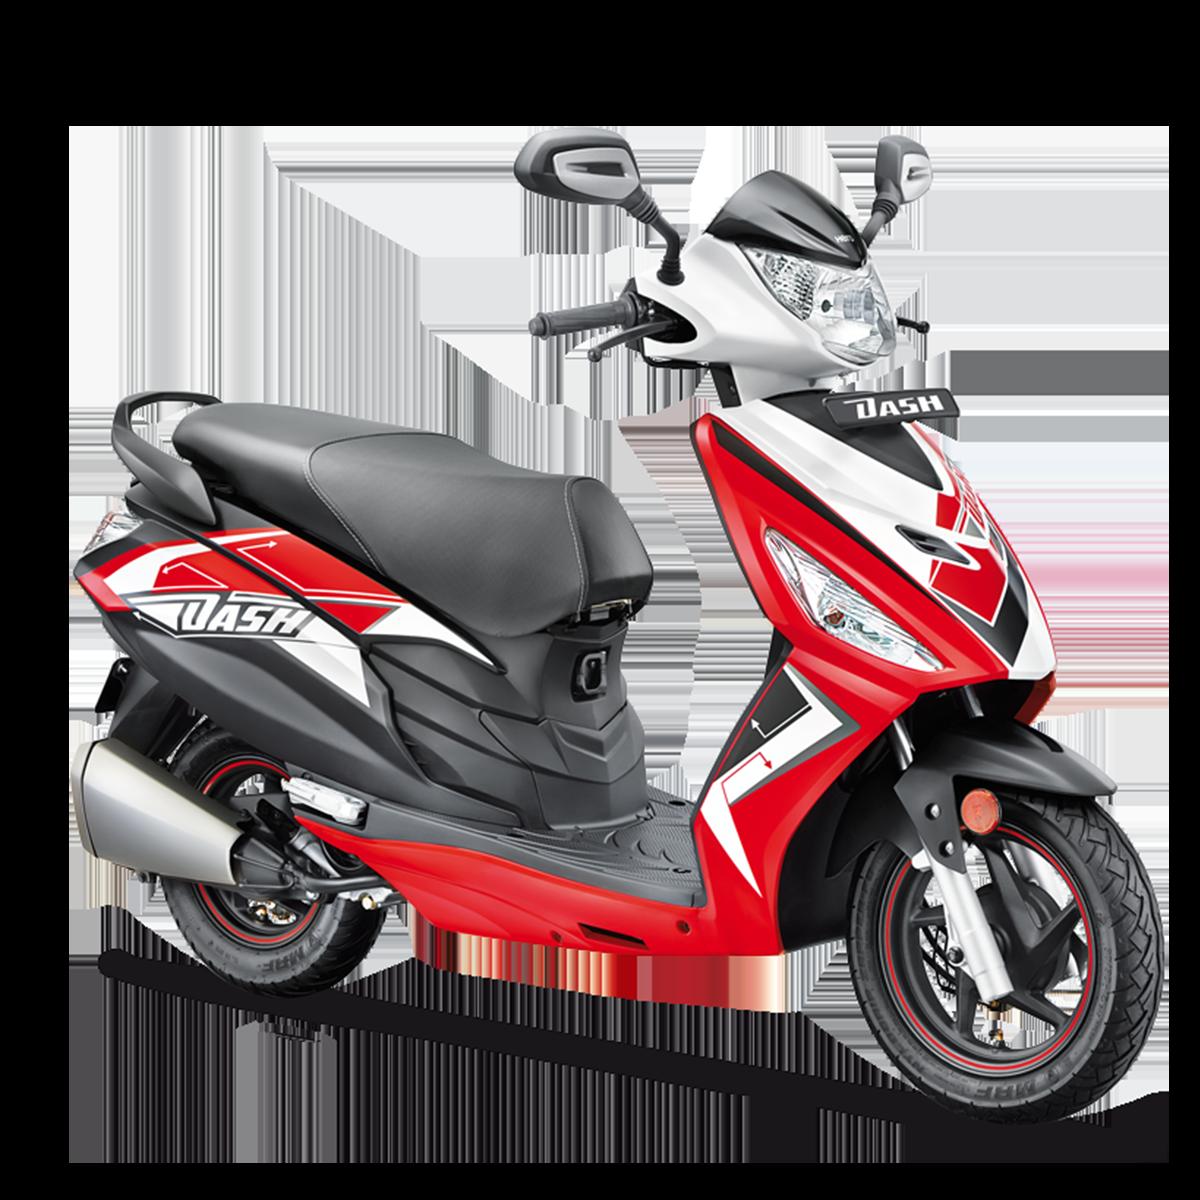 DASH - Motor: 110cc / Potencia: 8.31 bhpPrecio: $1,400.00